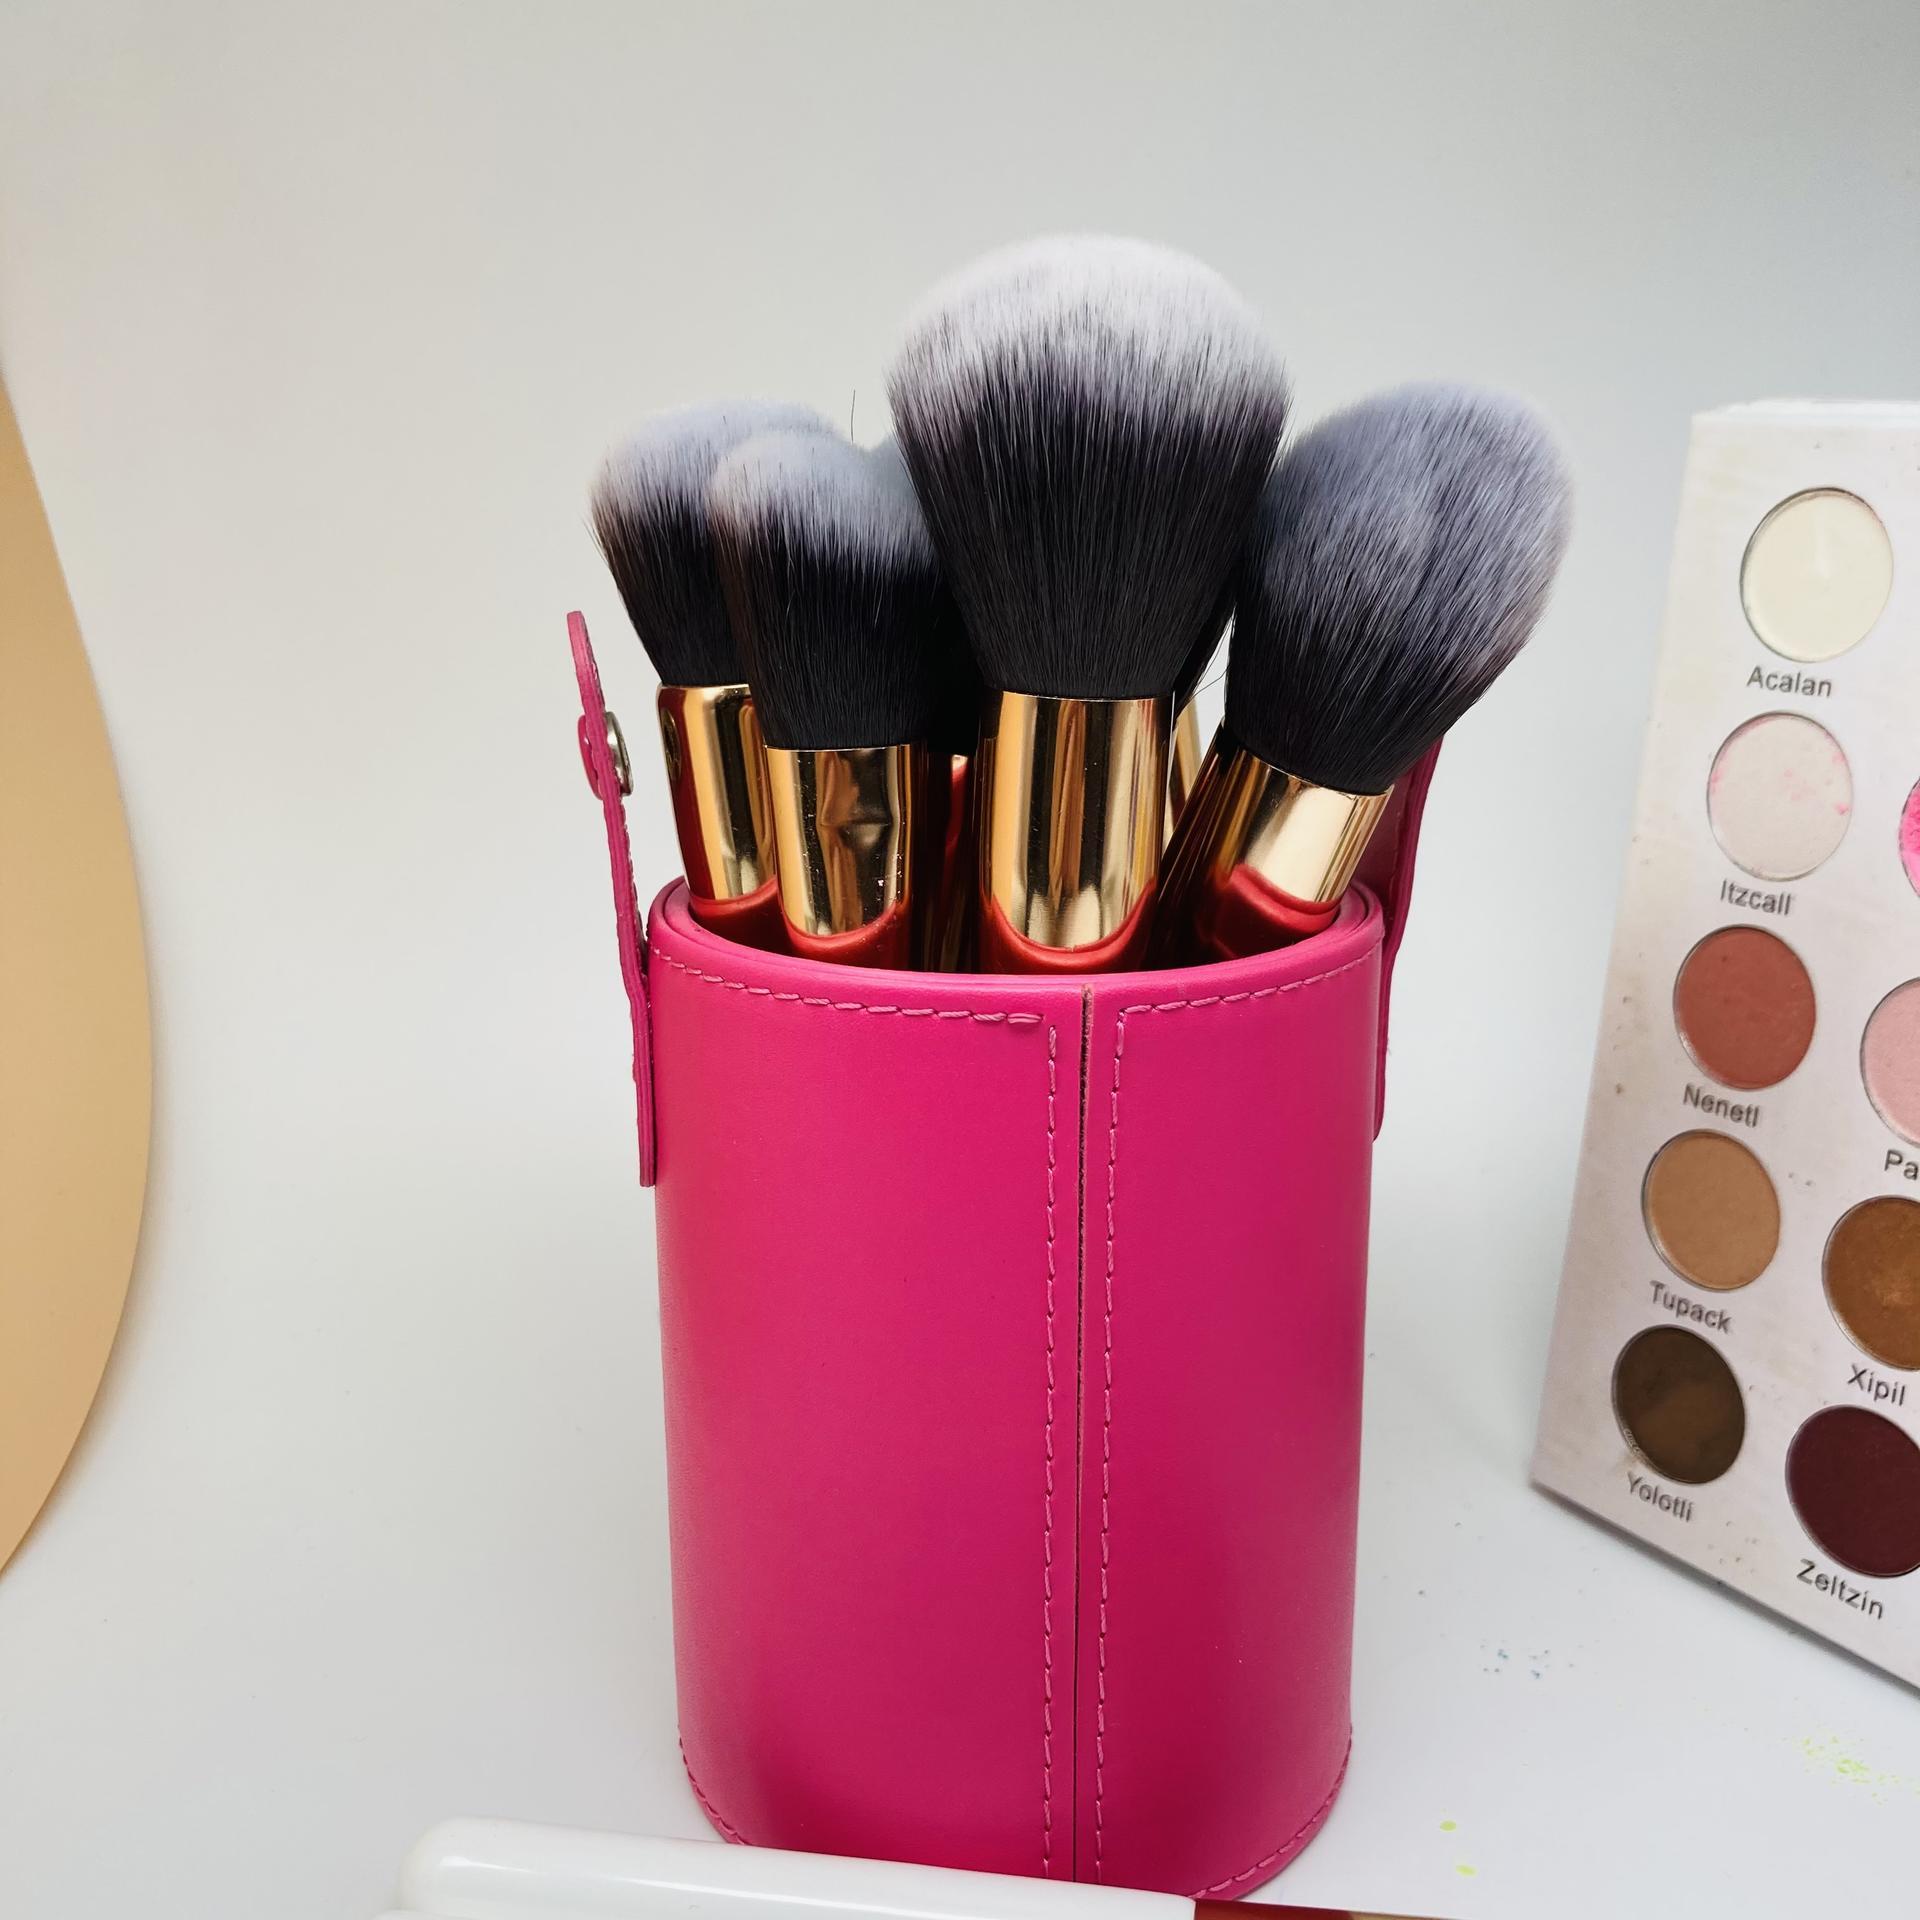 Synthetic makeup brush set Mermaid custom logo private label makeup brush set